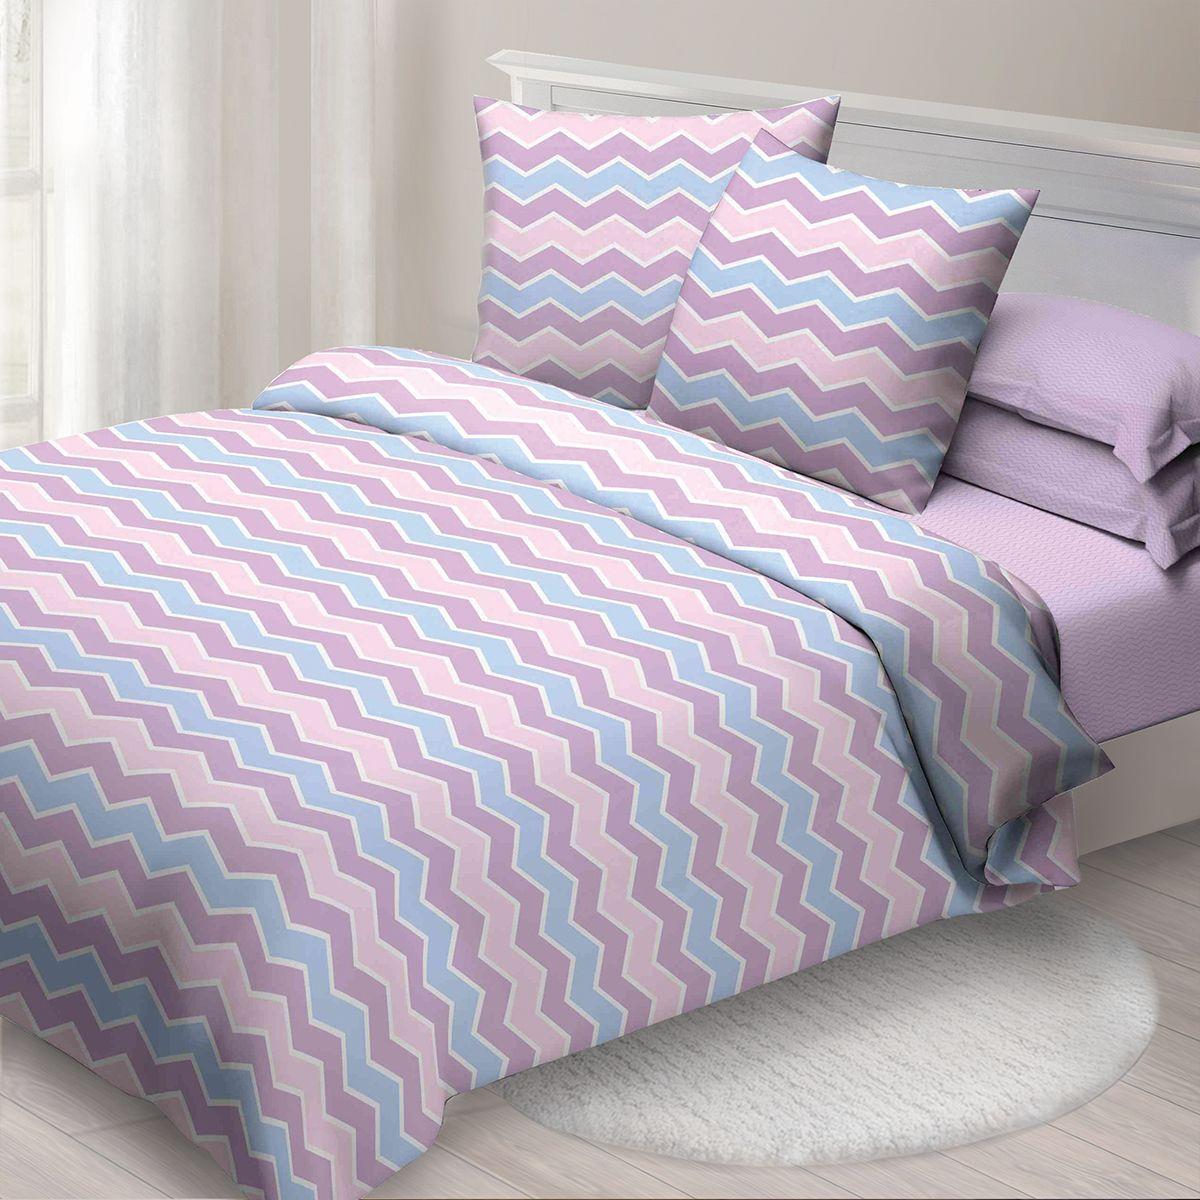 Комплект белья Спал Спалыч Лавандовые сны, евро, наволочки 70x70, цвет: розовый. 4089-185085